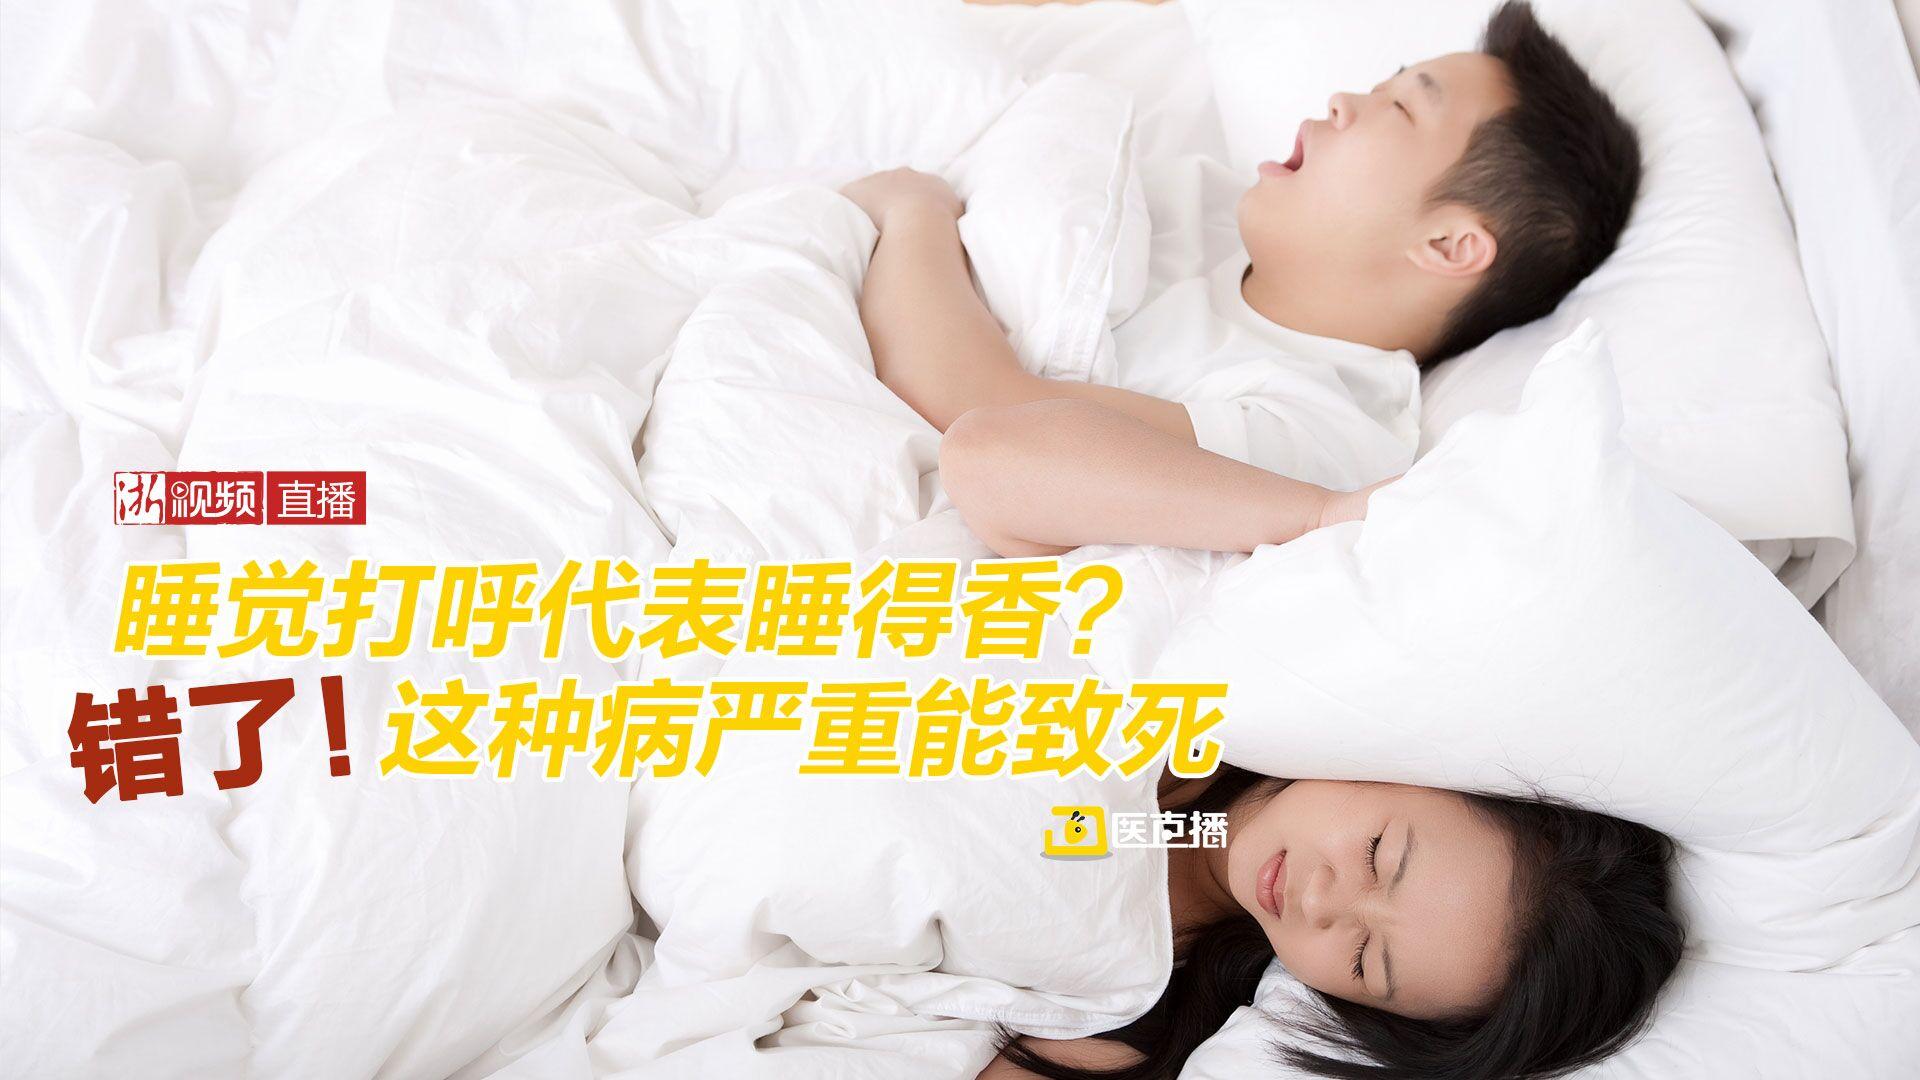 睡觉打呼代表睡得香?错!这病严重能致死